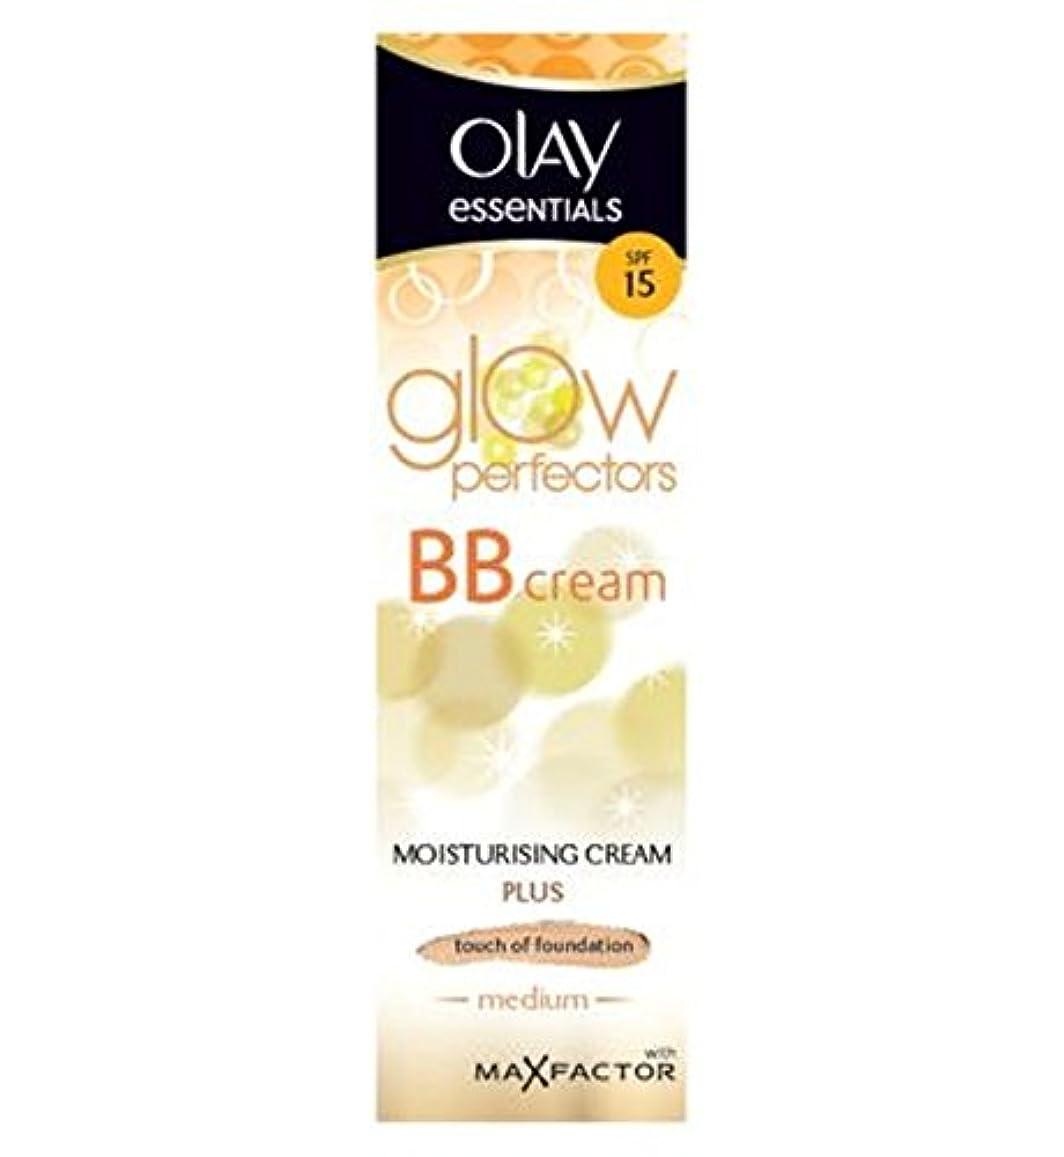 着色保湿50ミリリットルを完成オーレイ完全なBbクリームSpf15スキン - 中 (Olay) (x2) - Olay Complete BB Cream SPF15 Skin Perfecting Tinted Moisturiser...